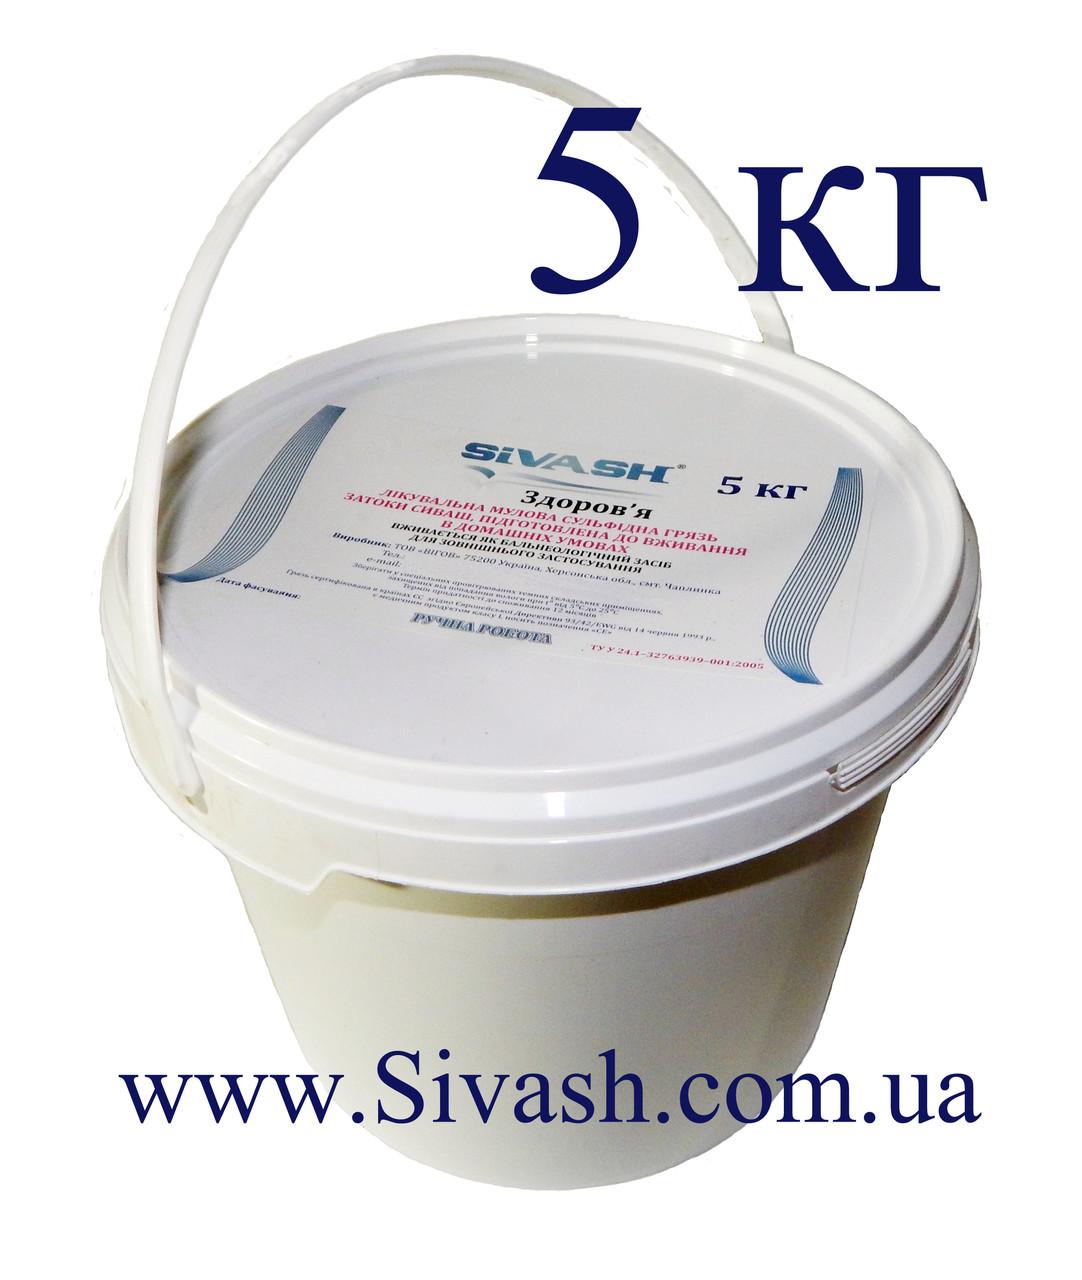 Грязь лечебная залива Сиваш 5 кг Целебная грязь имеет сертификат качества